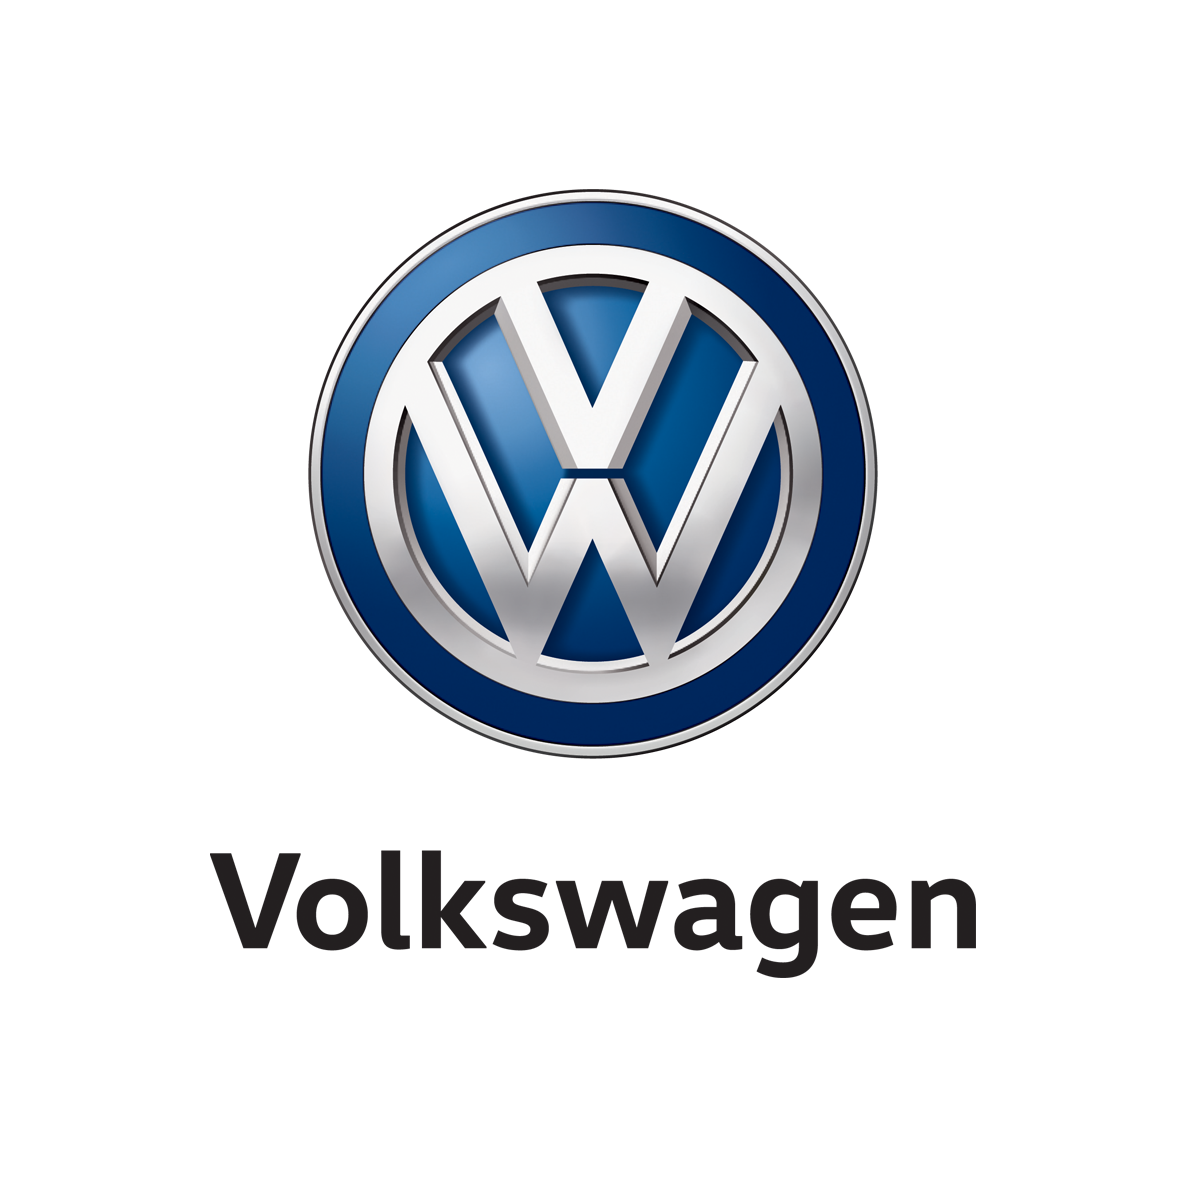 CleanDevil Reinigungsfirma für Volkswagen